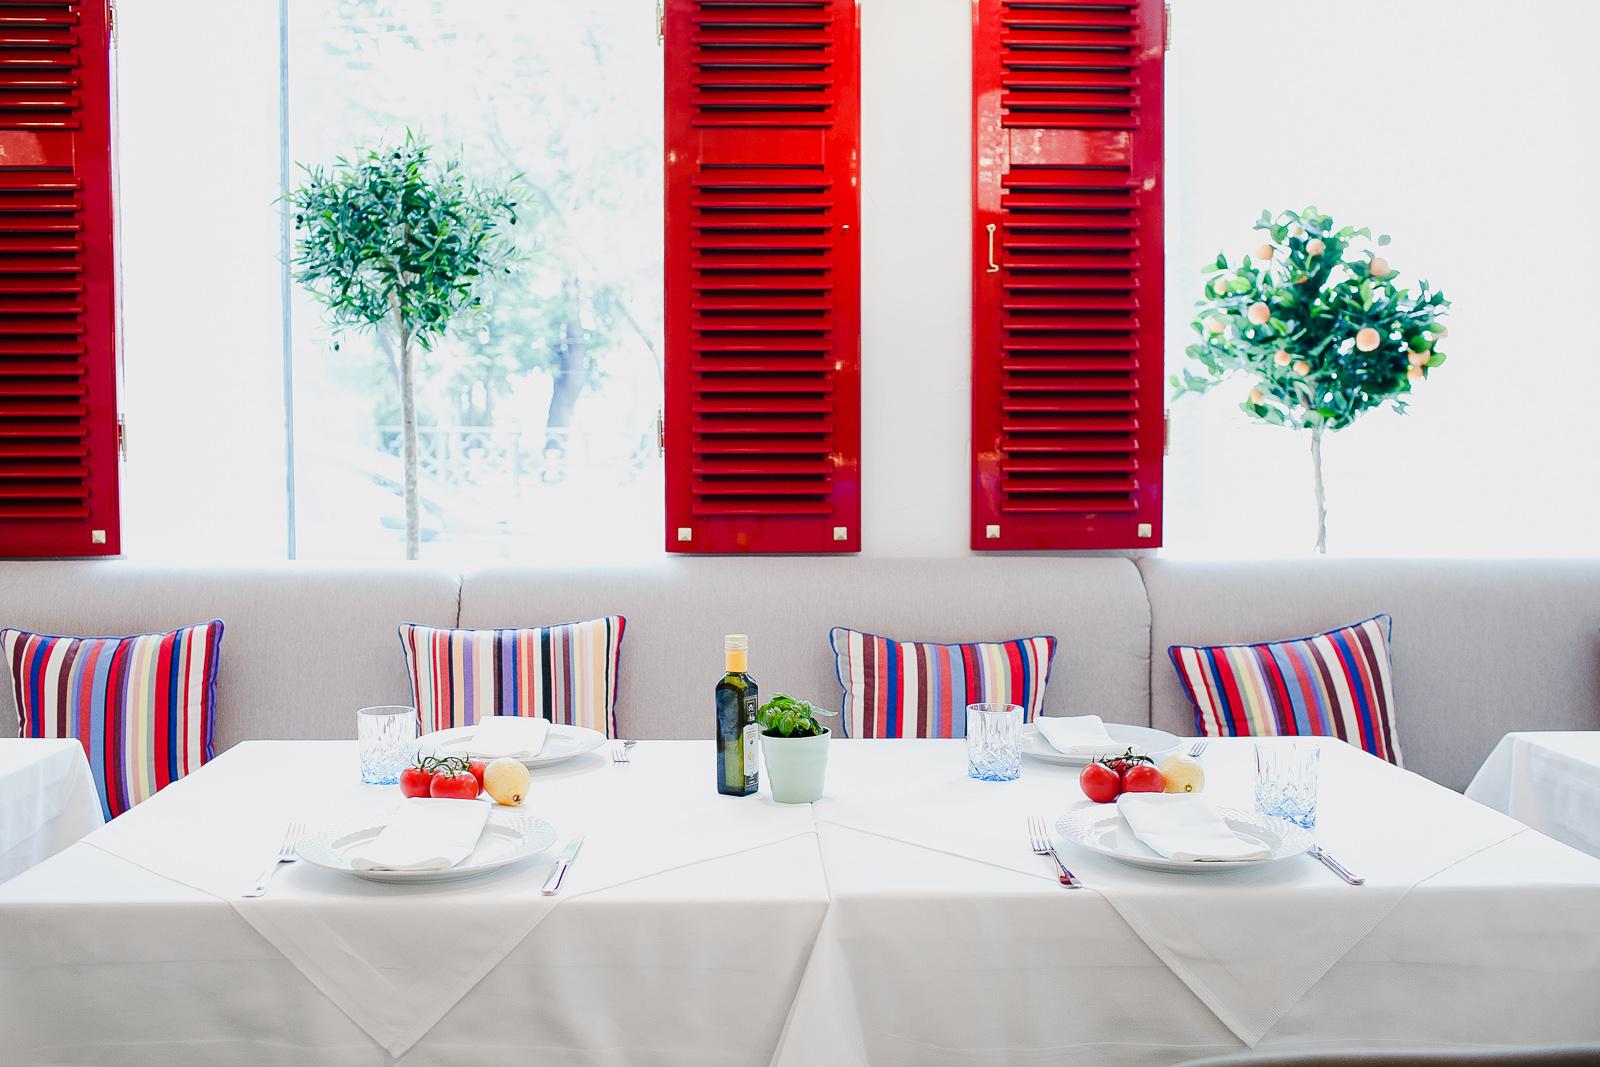 ресторан, еда, греция, греческая кухня, греческий ресторан, греческий салат